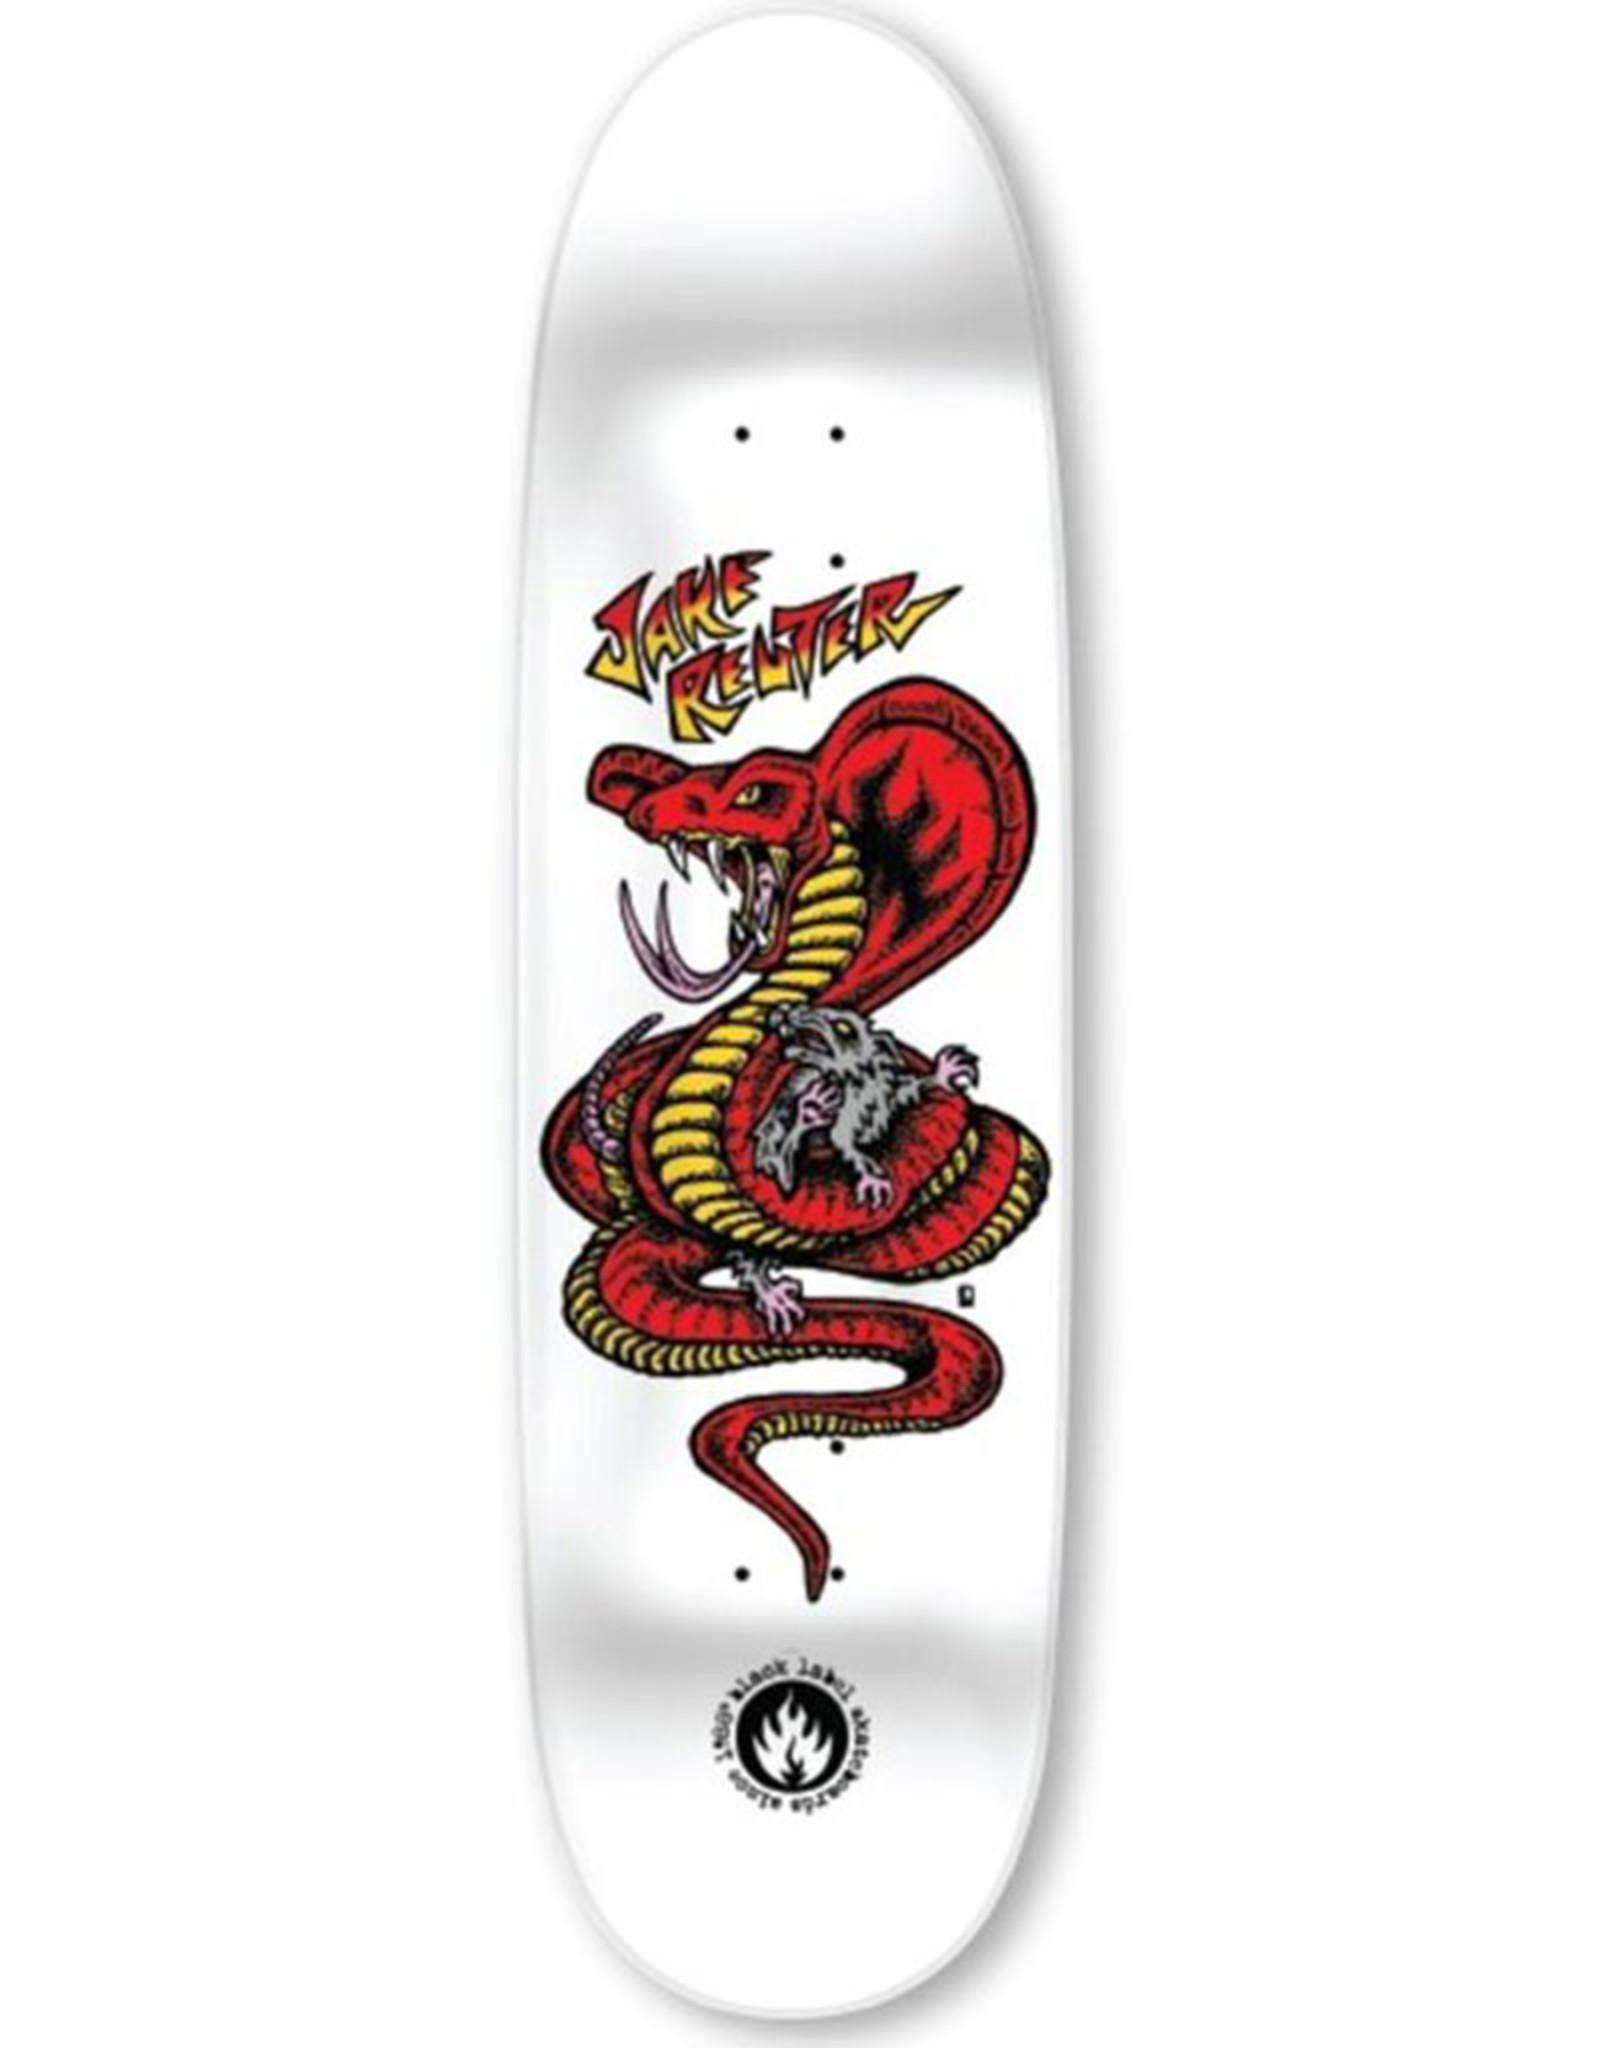 Black Label Black Label Deck Jake Reuter Snake And Rat White Painted (9.0)